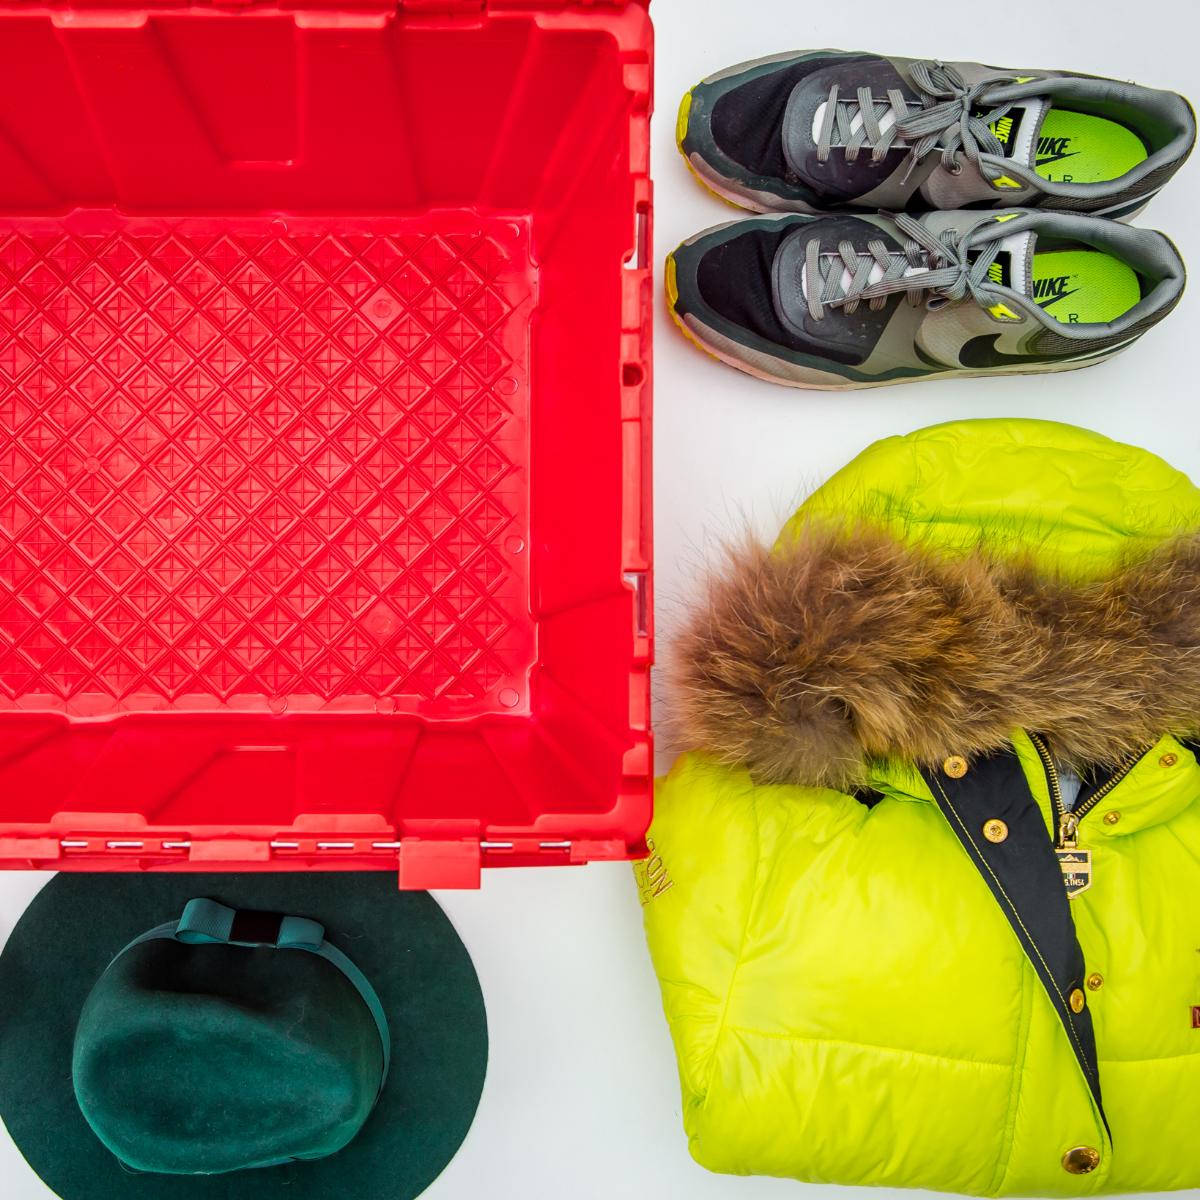 boite de stockage avec vêtements